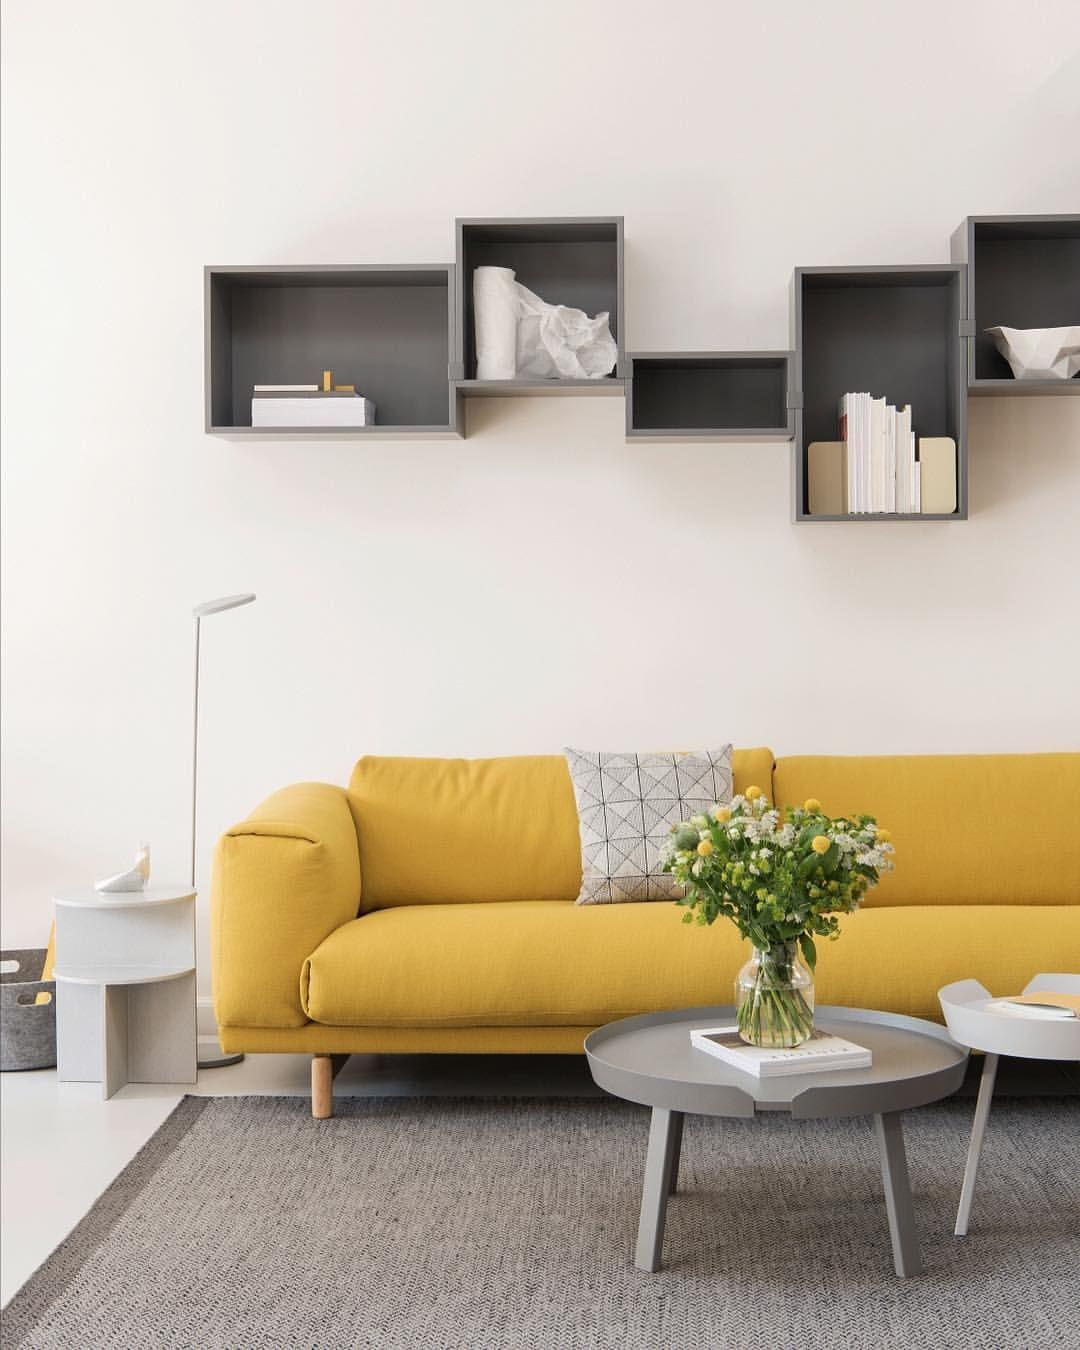 Pin von kaya y ksel auf furniture in 2019 deko for Gunstige wohneinrichtung